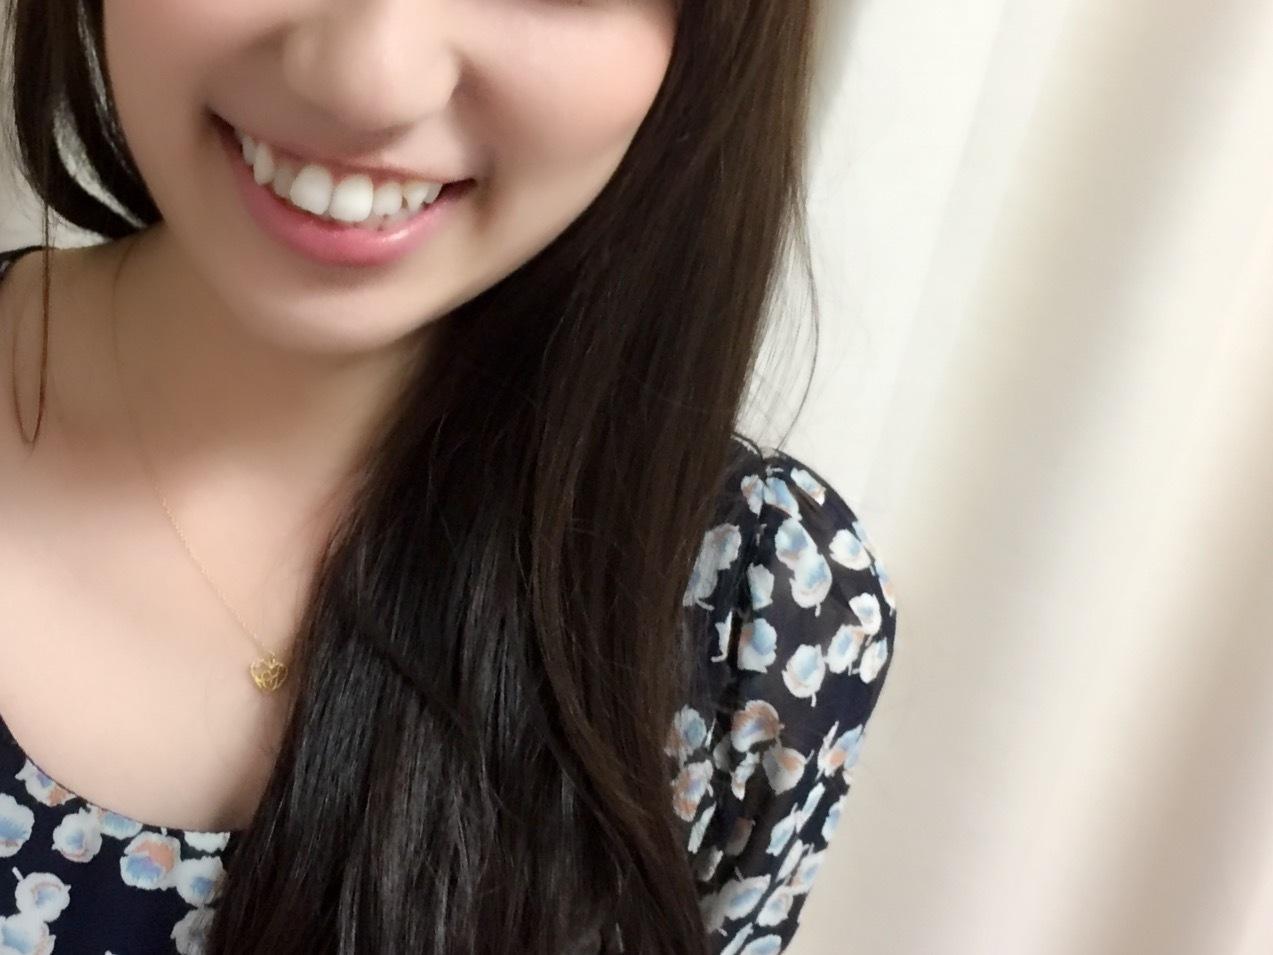 pMIZUKIqちゃん  - お姉さん系  アダルトチャットガール